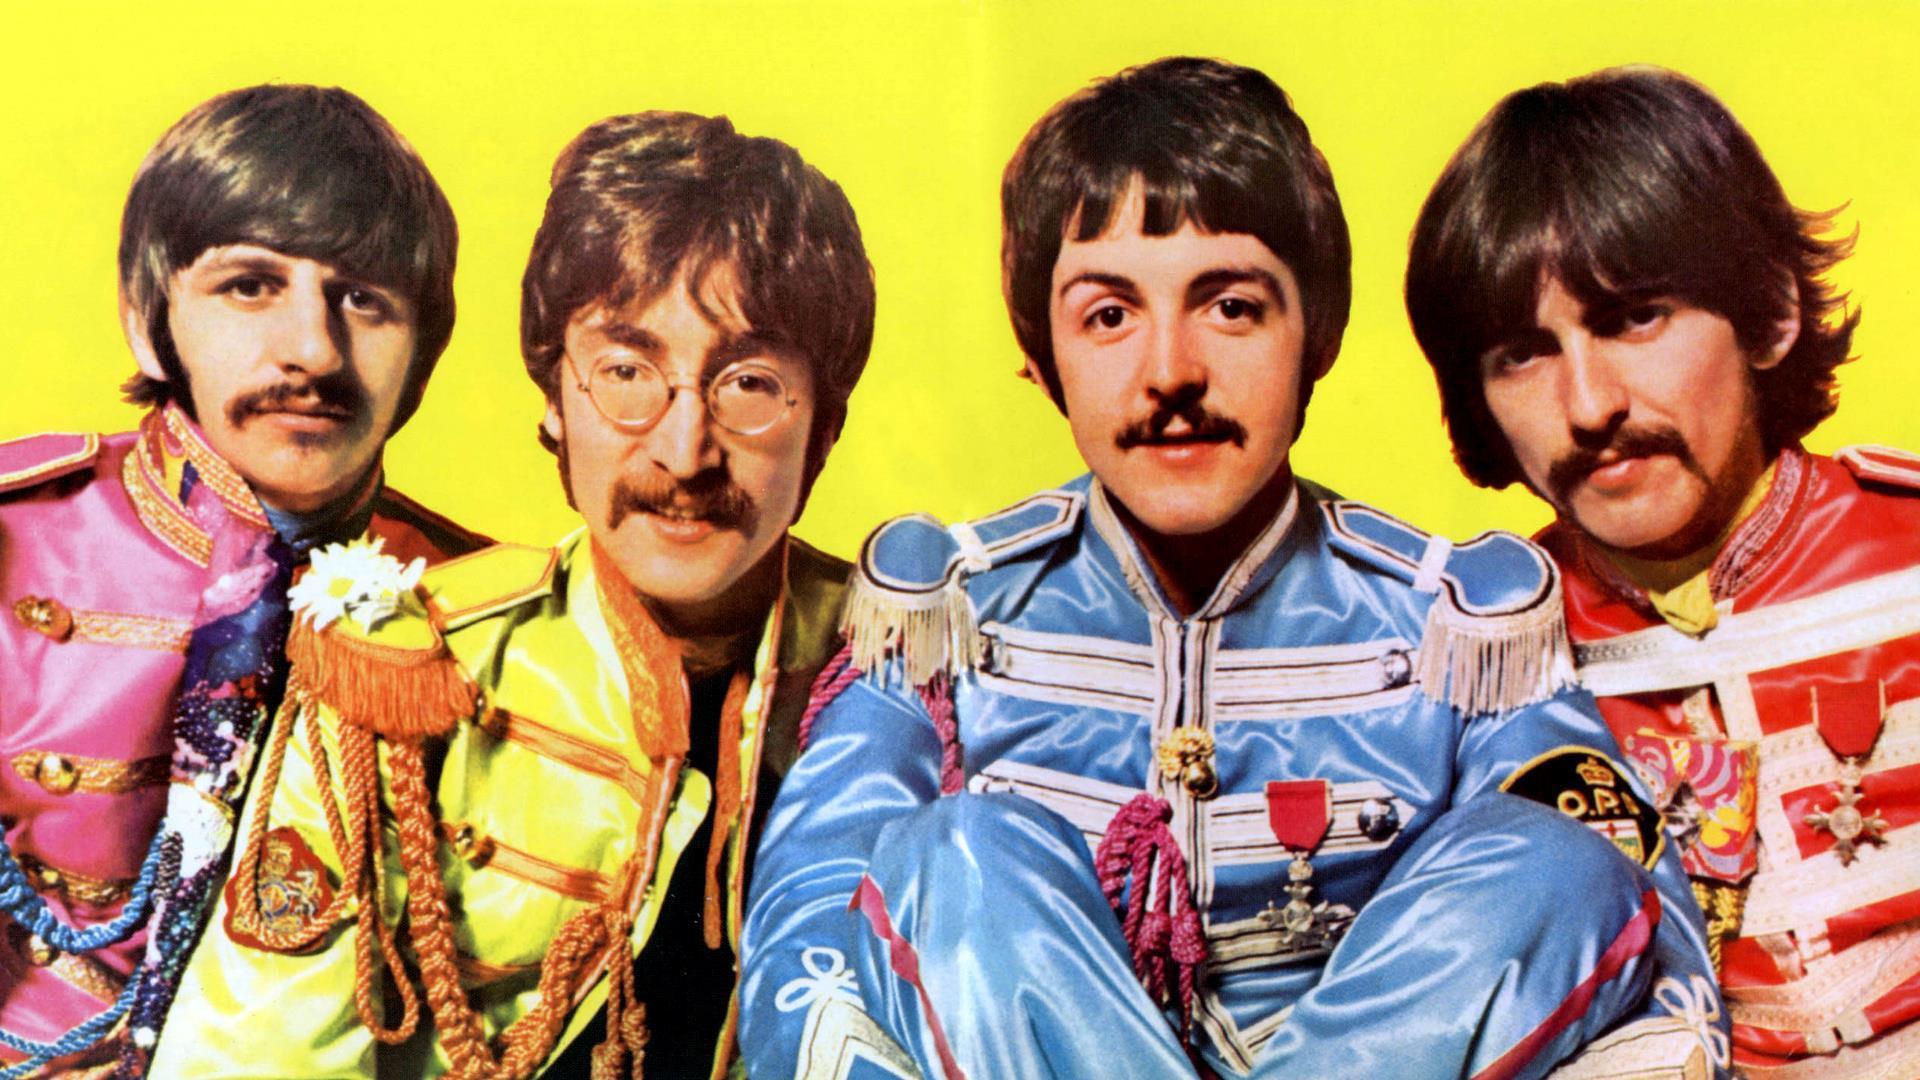 La ciudad de Liverpool tendrá una gran celebración por The Beatles